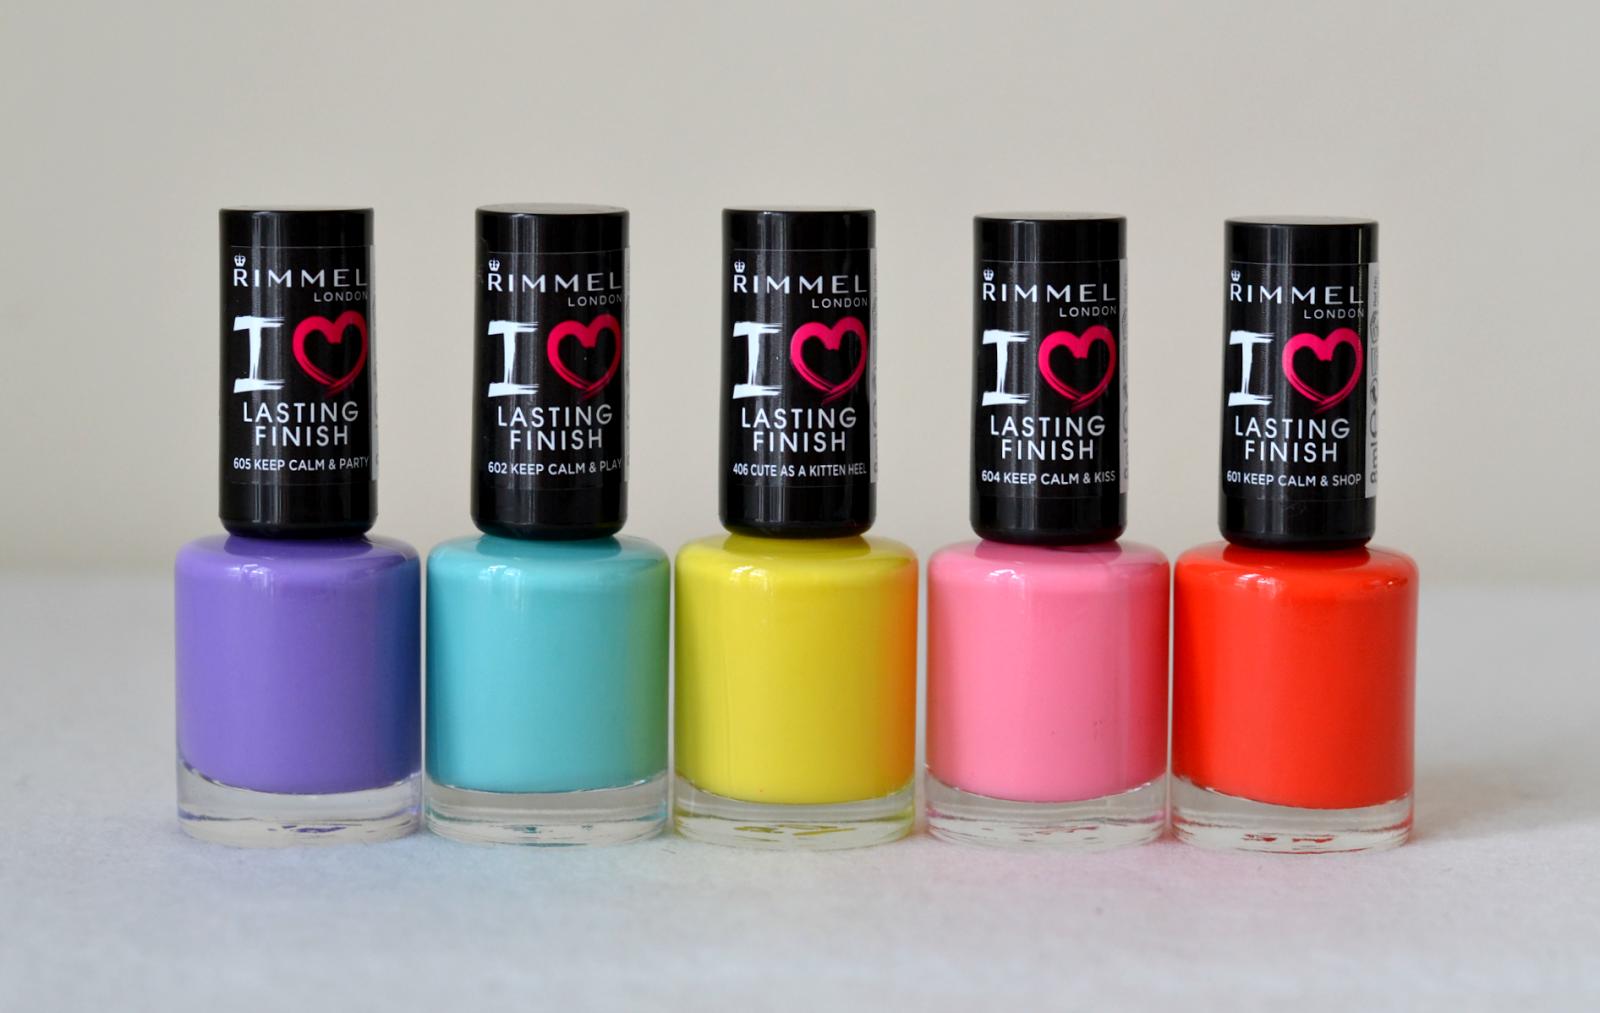 En cuanto a los esmaltes, son súper coloridos y llegan justito para aprovecharlos el verano.